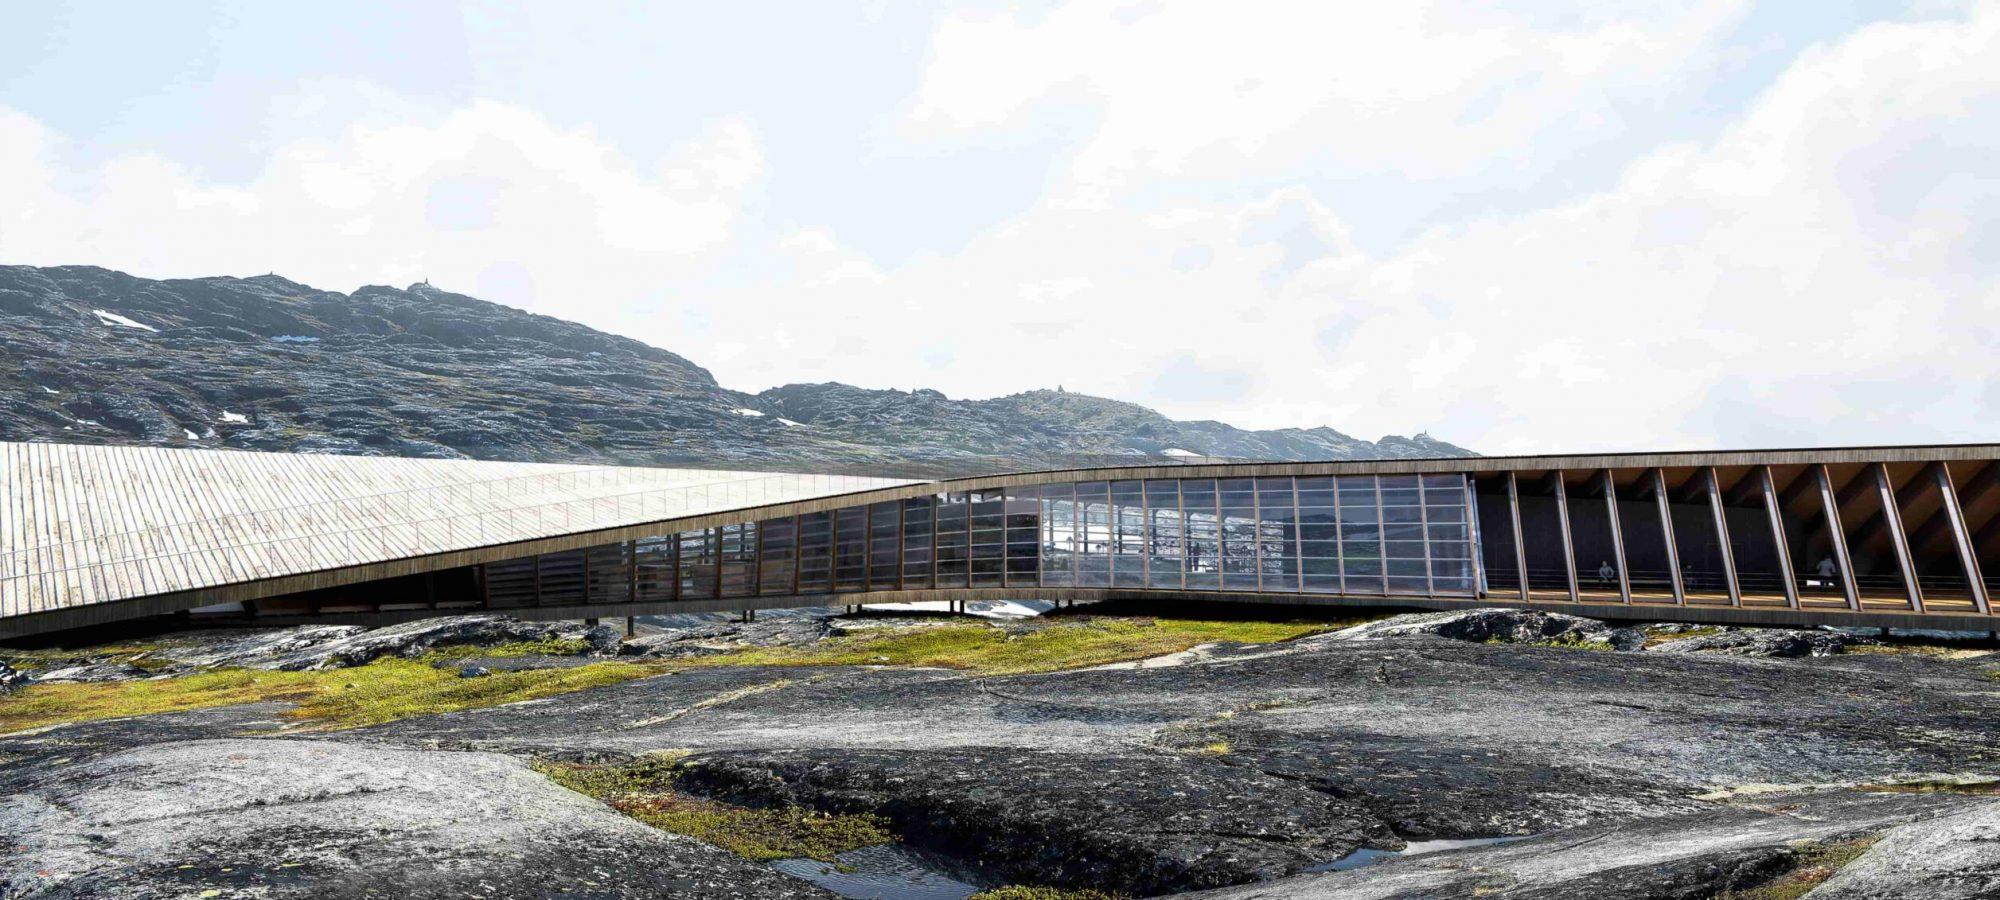 Dorte Mandrup Icefjord Center TheBridge Update v3 copyright@www.mir-min